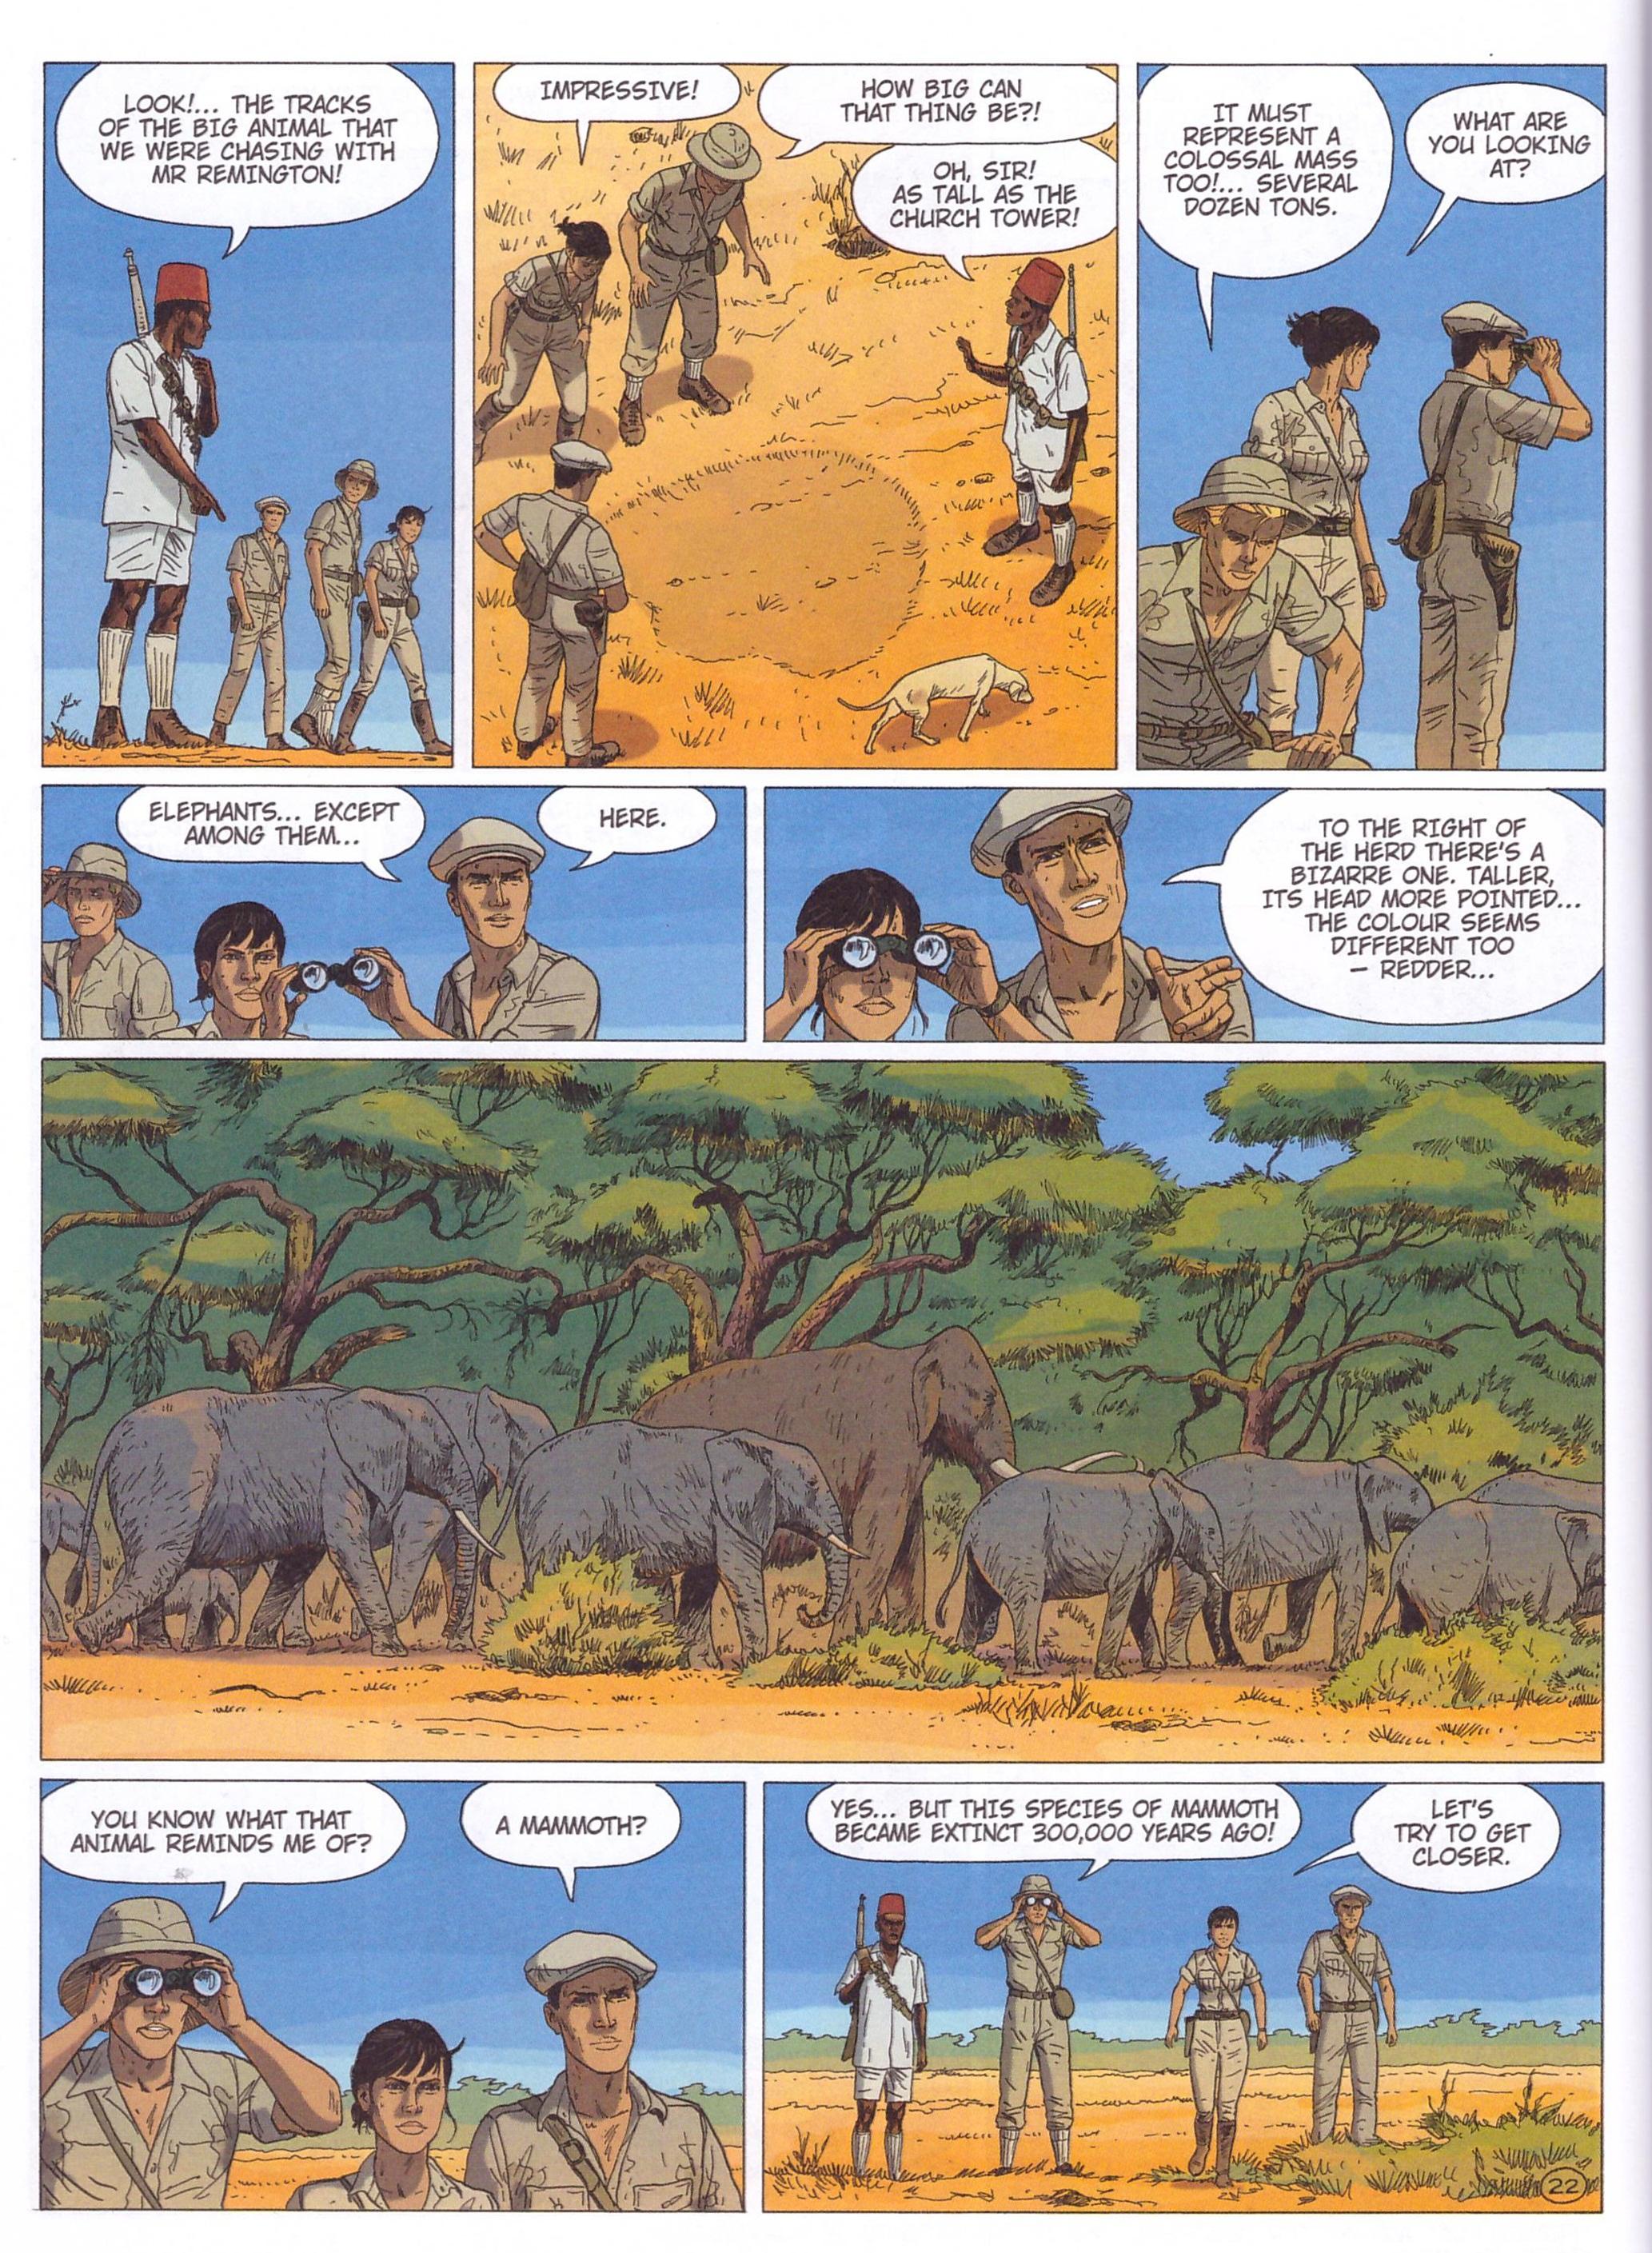 Kenya 2 Encounters review